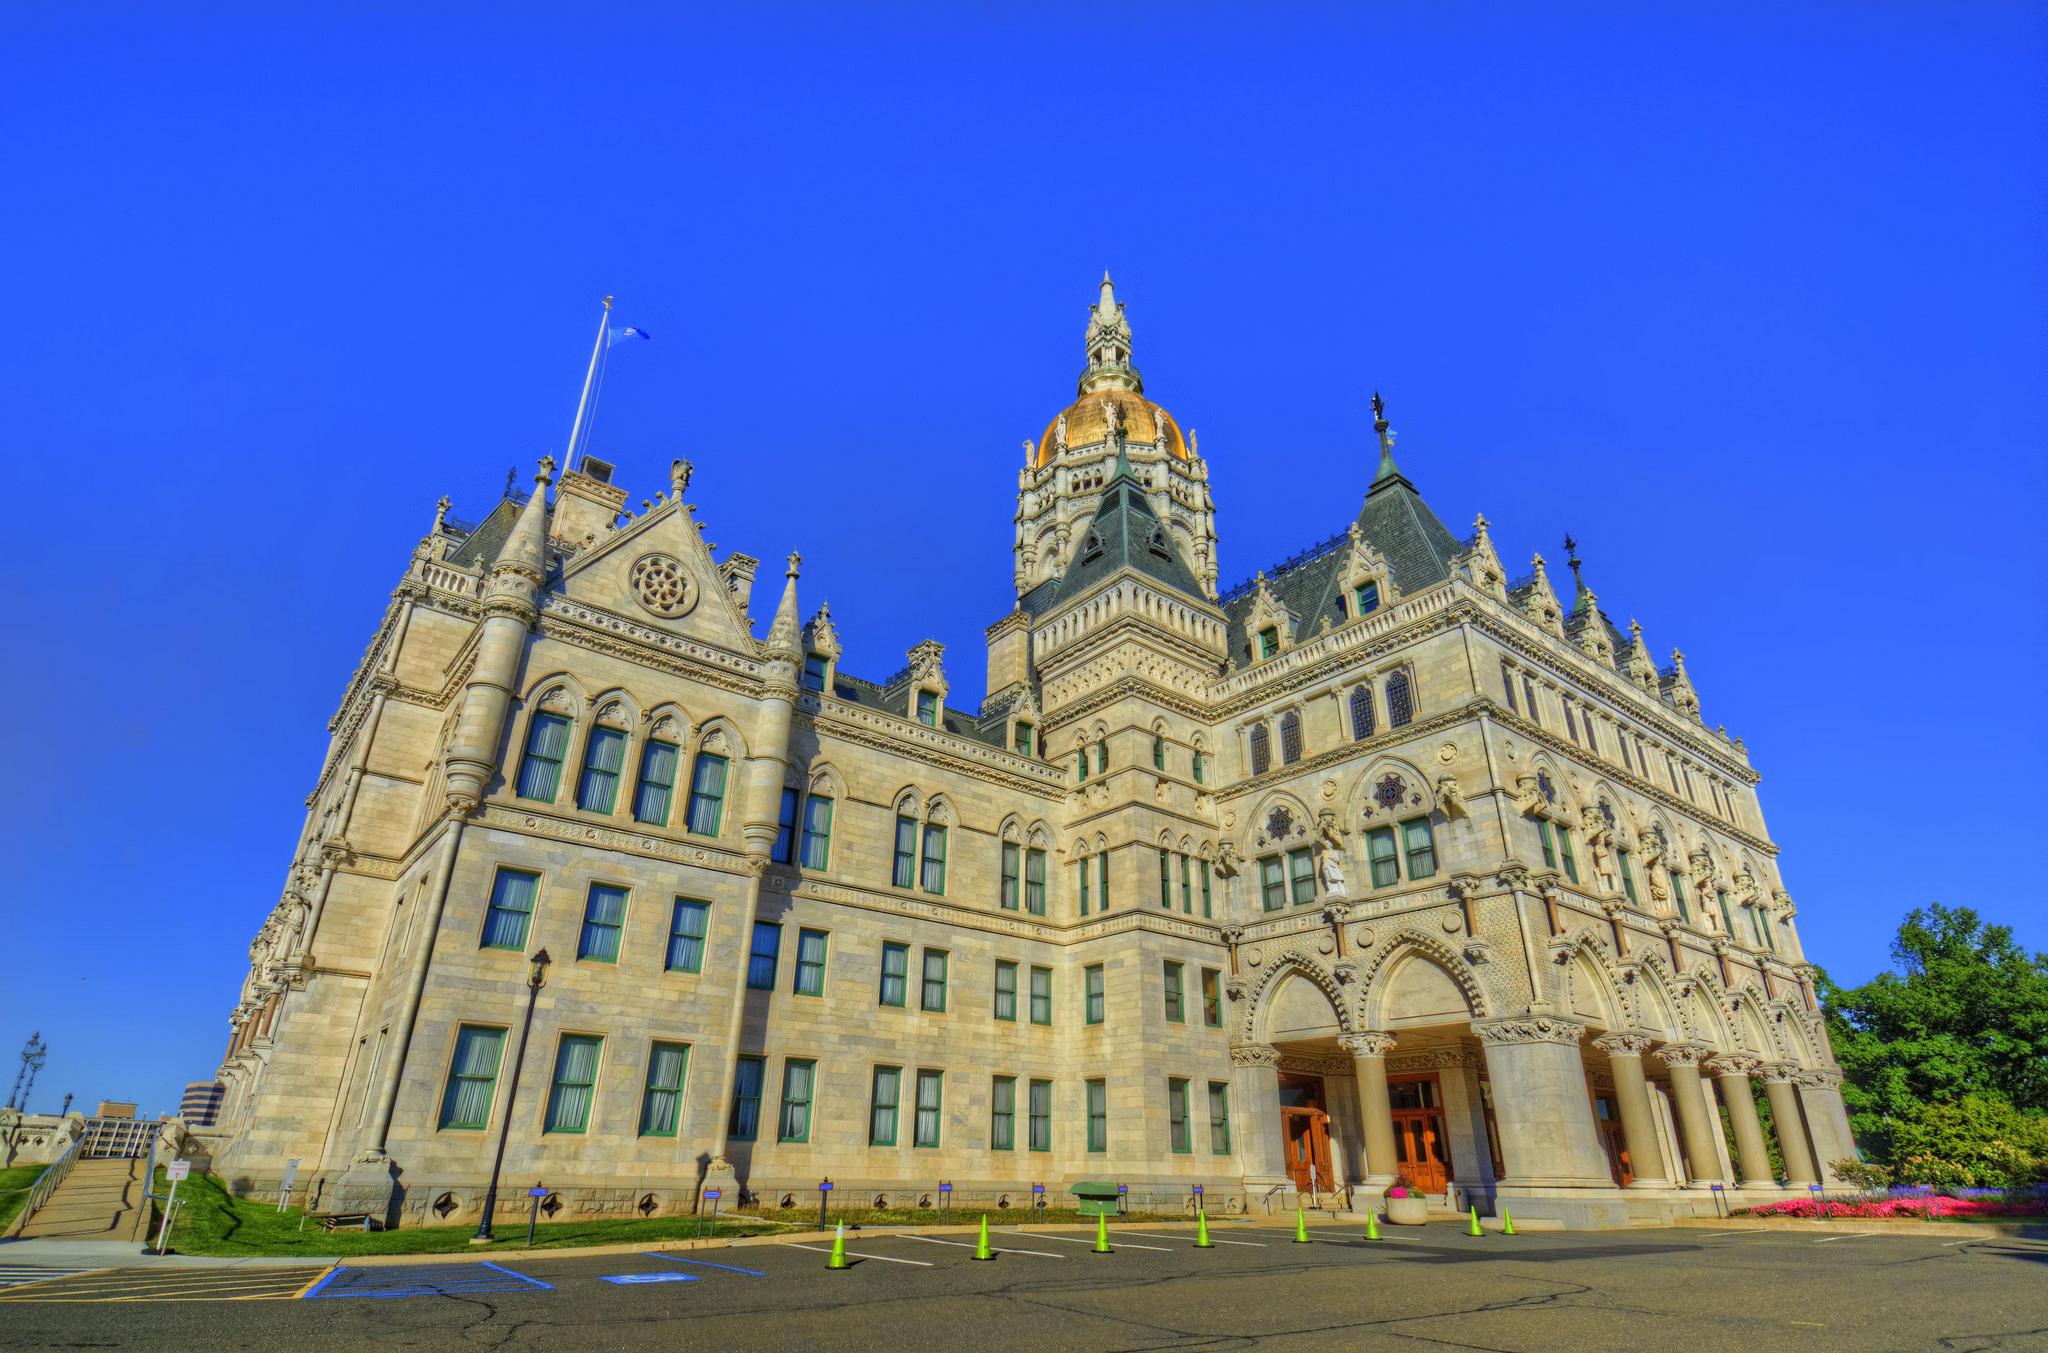 CT Capitol building flickr.com/craigfildes cc